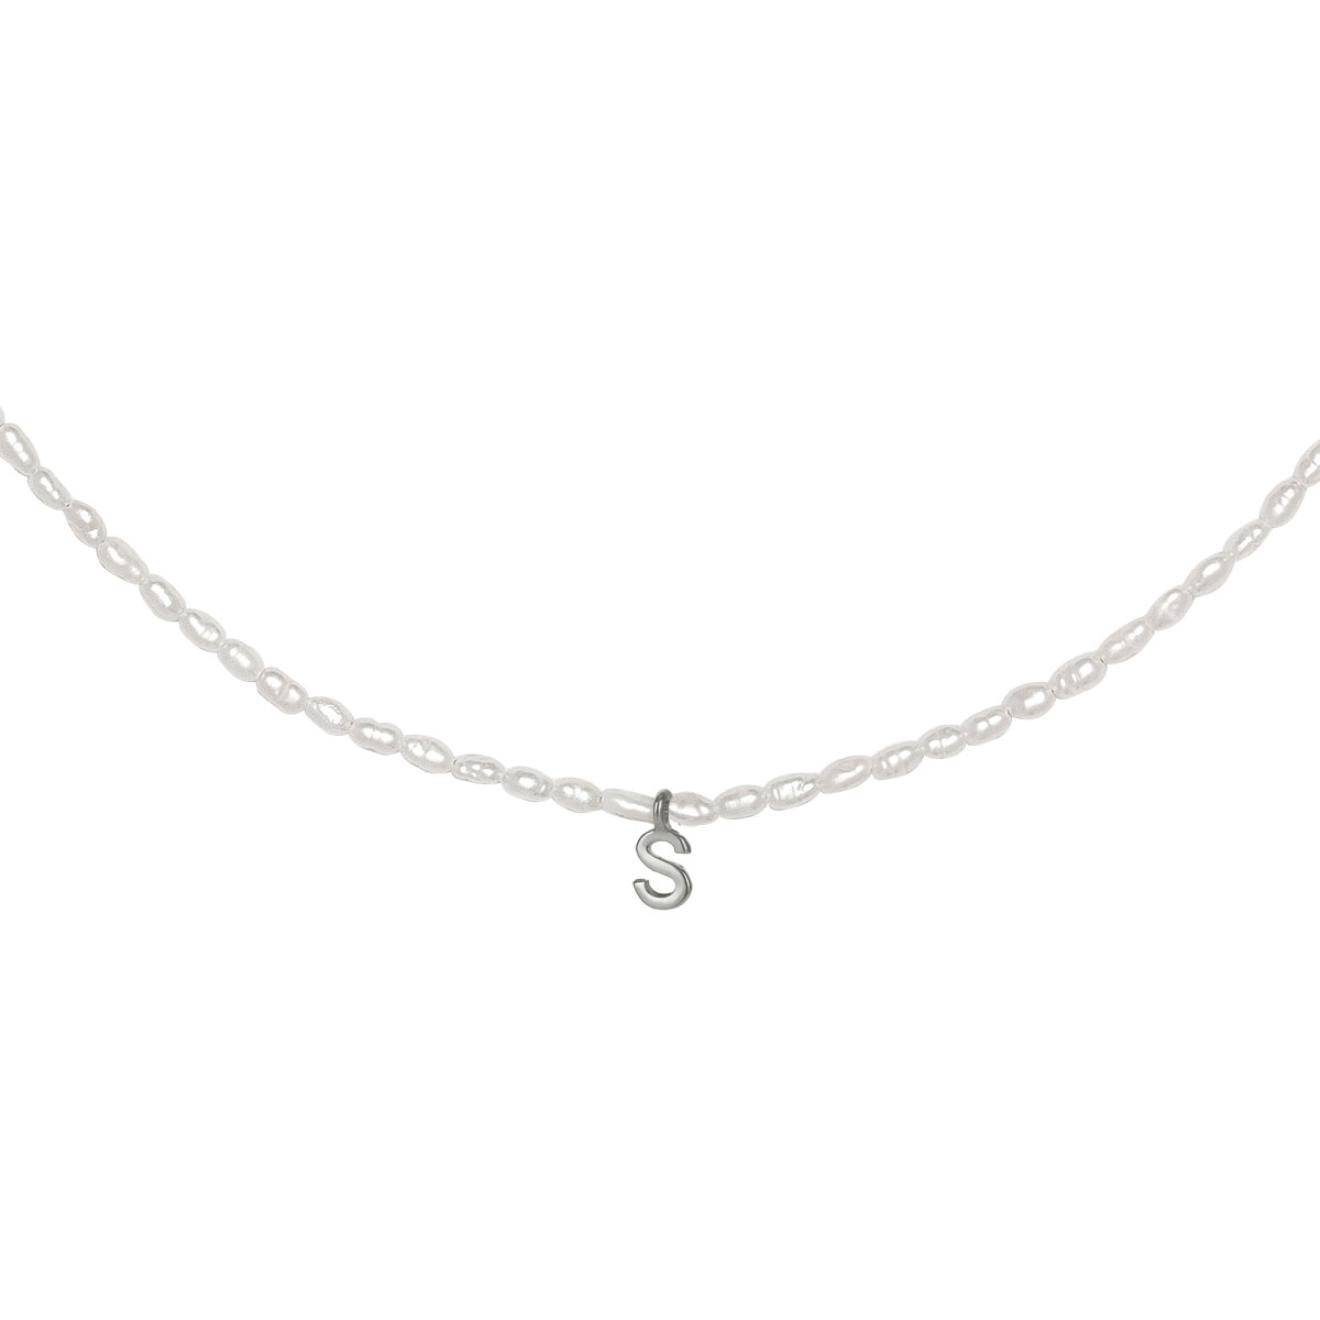 Фото - Ringstone Жемчужное ожерелье с буквой S ringstone жемчужное ожерелье с буквой s ringstone